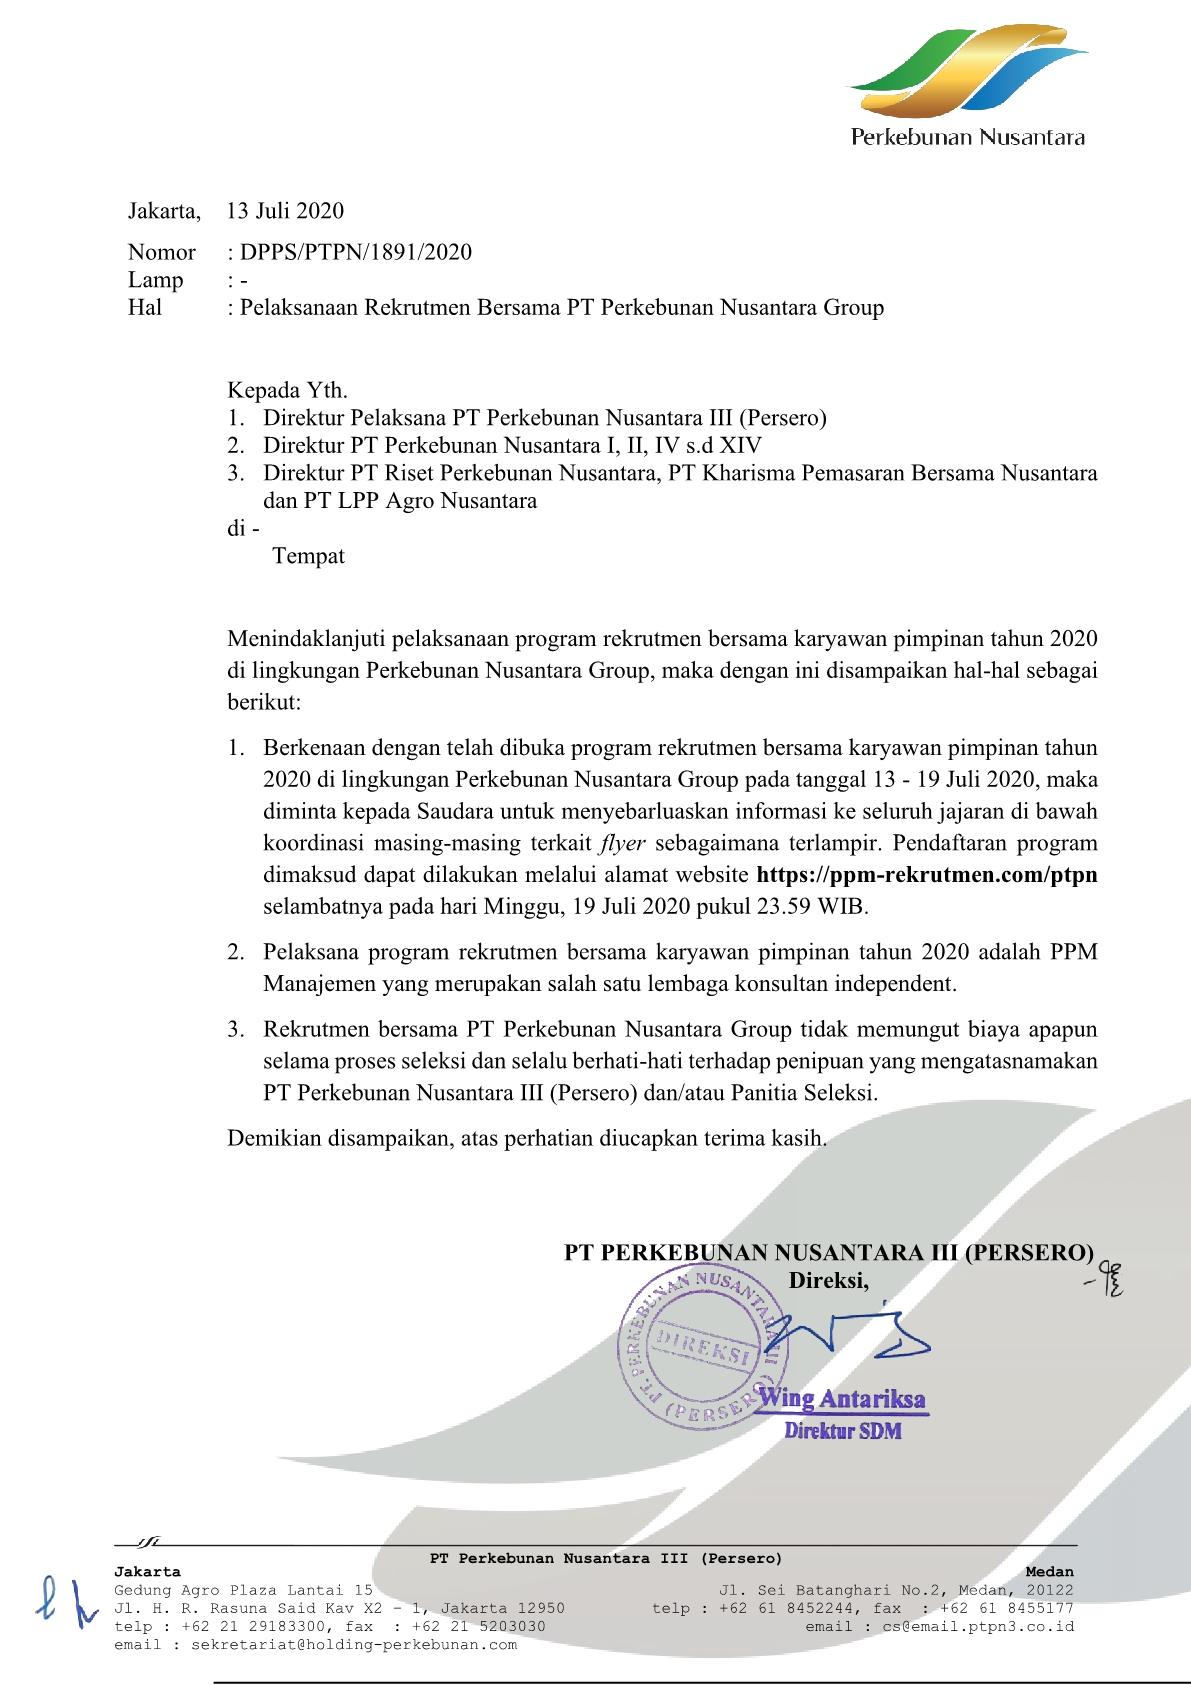 Rekrutmen Bersama PT Perkebunan Nusantara Group Sampai Tgl 19 Juli 2020